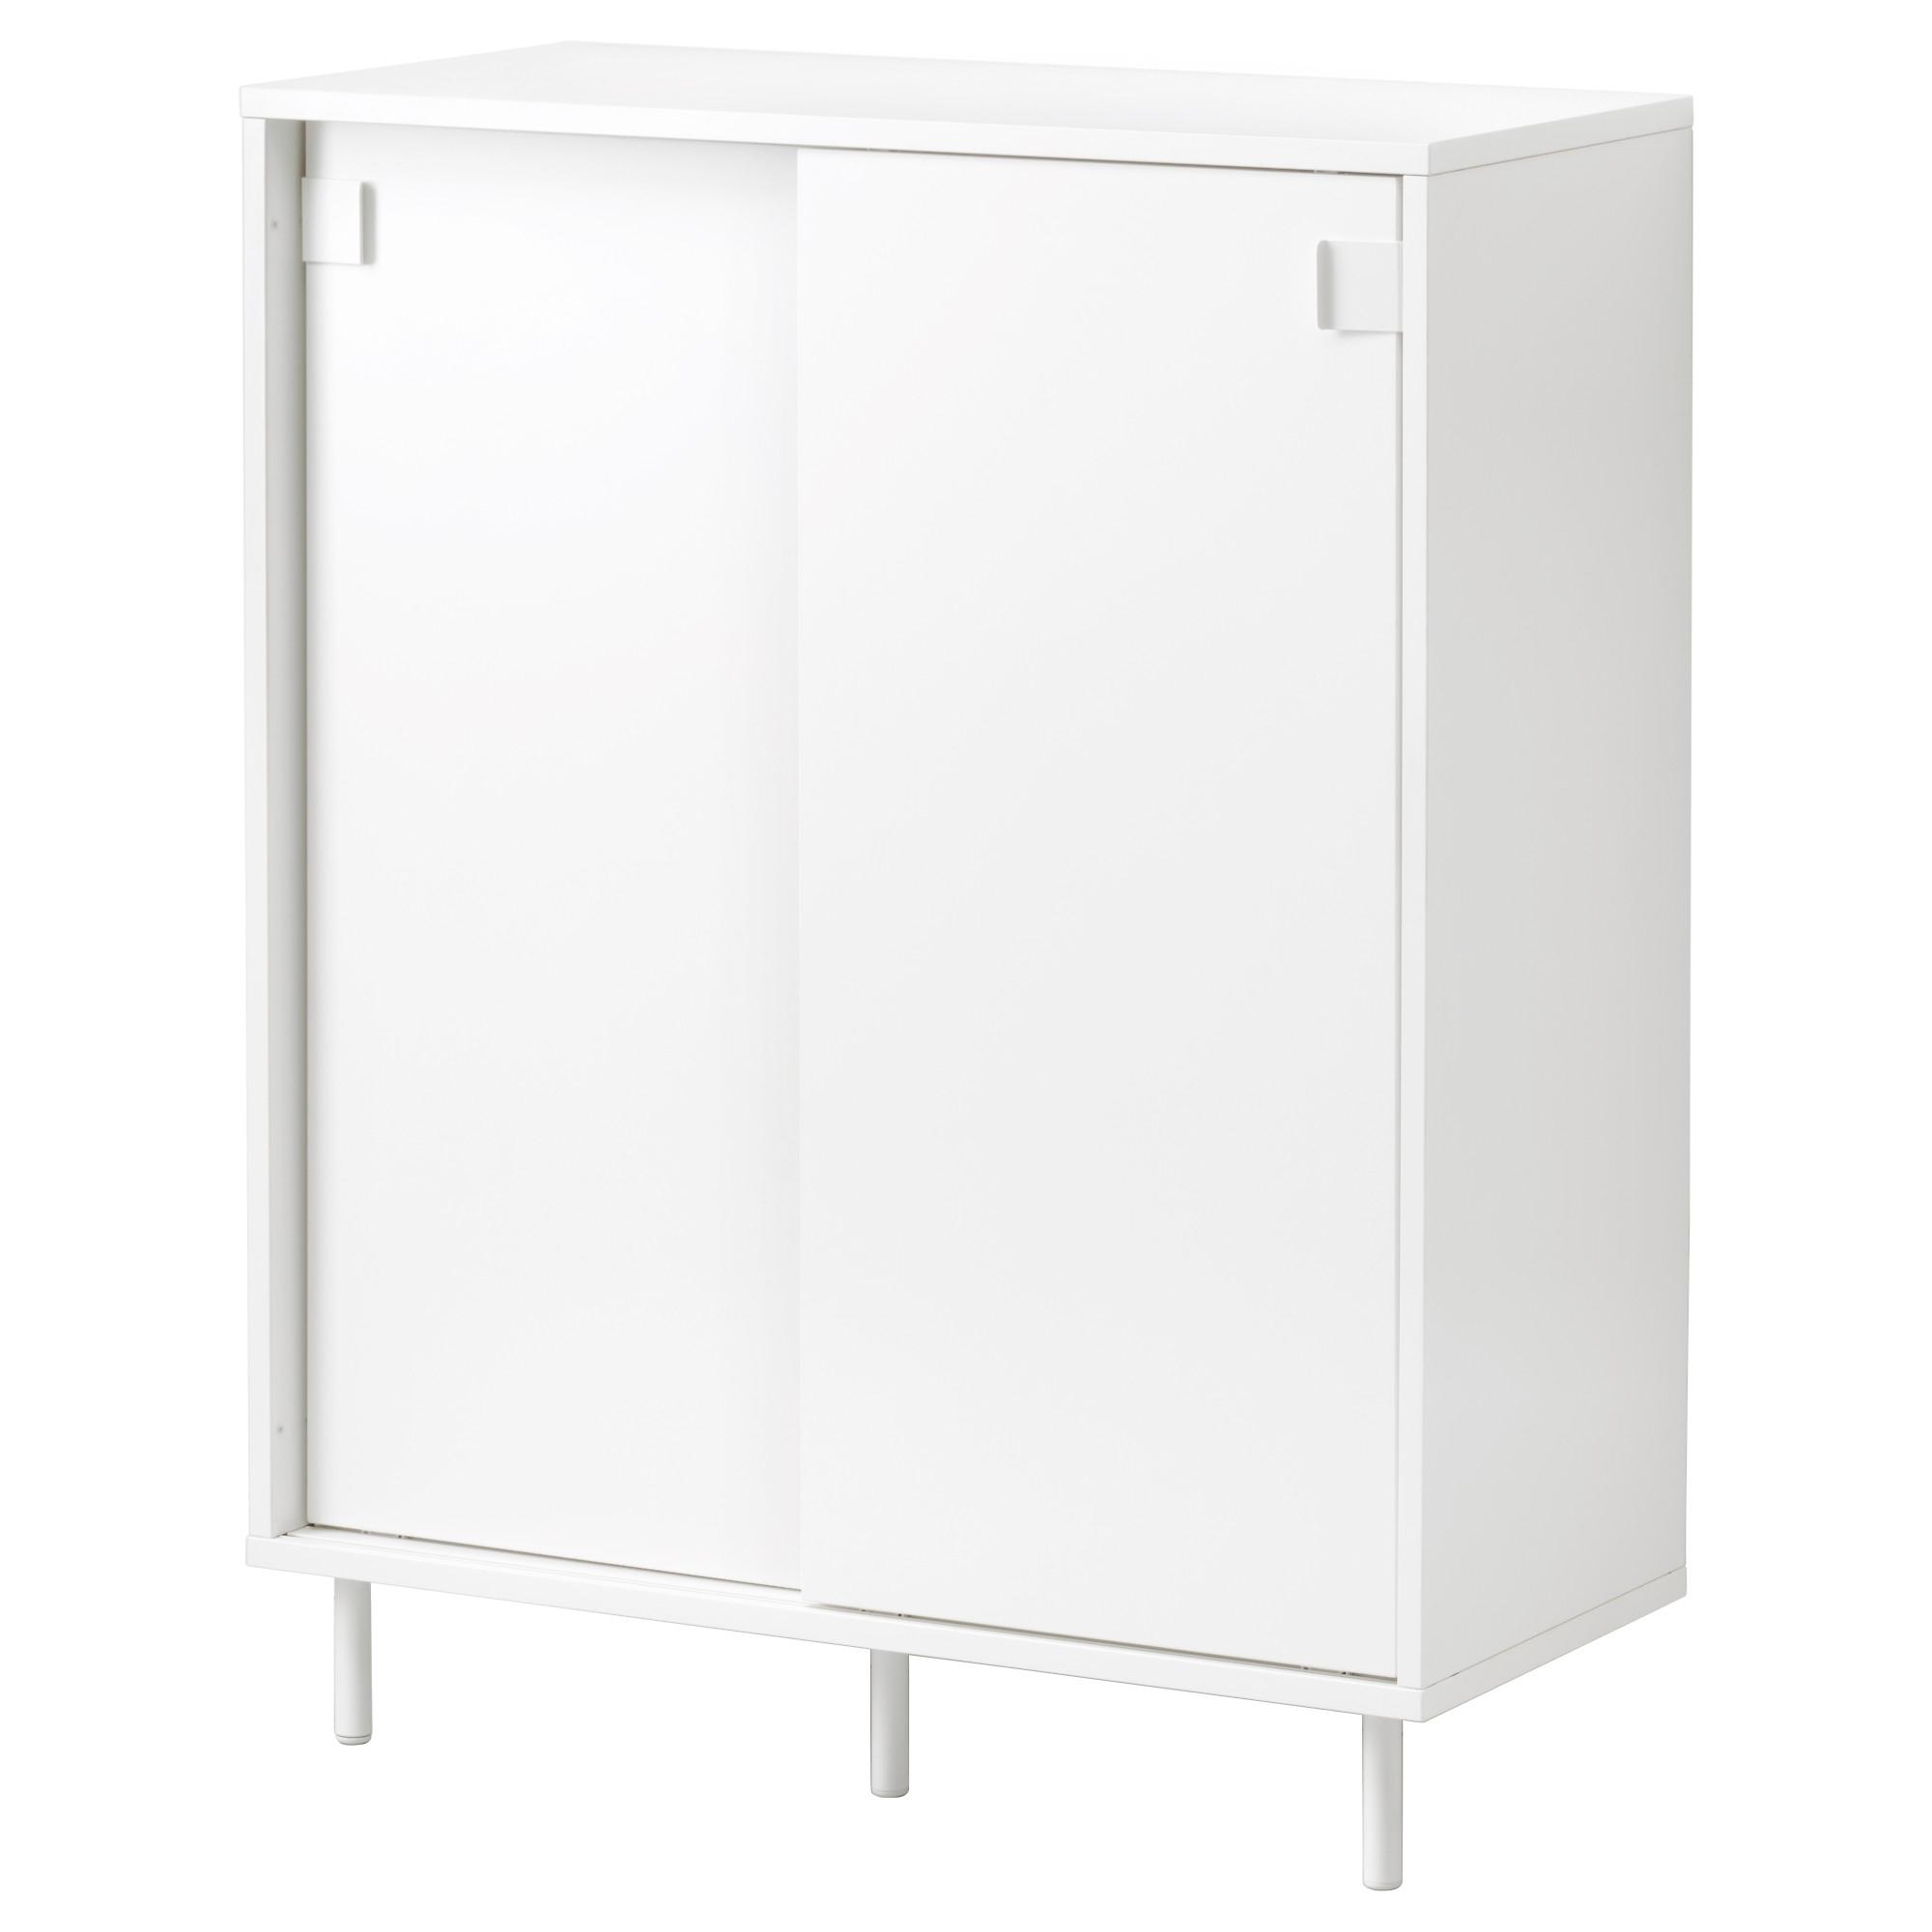 Ikea Lithuania - Įsigyti Baldų, Šviestuvų, Interjero Dekoracijų Ir inside Koip 6 Door Sideboards (Image 9 of 30)